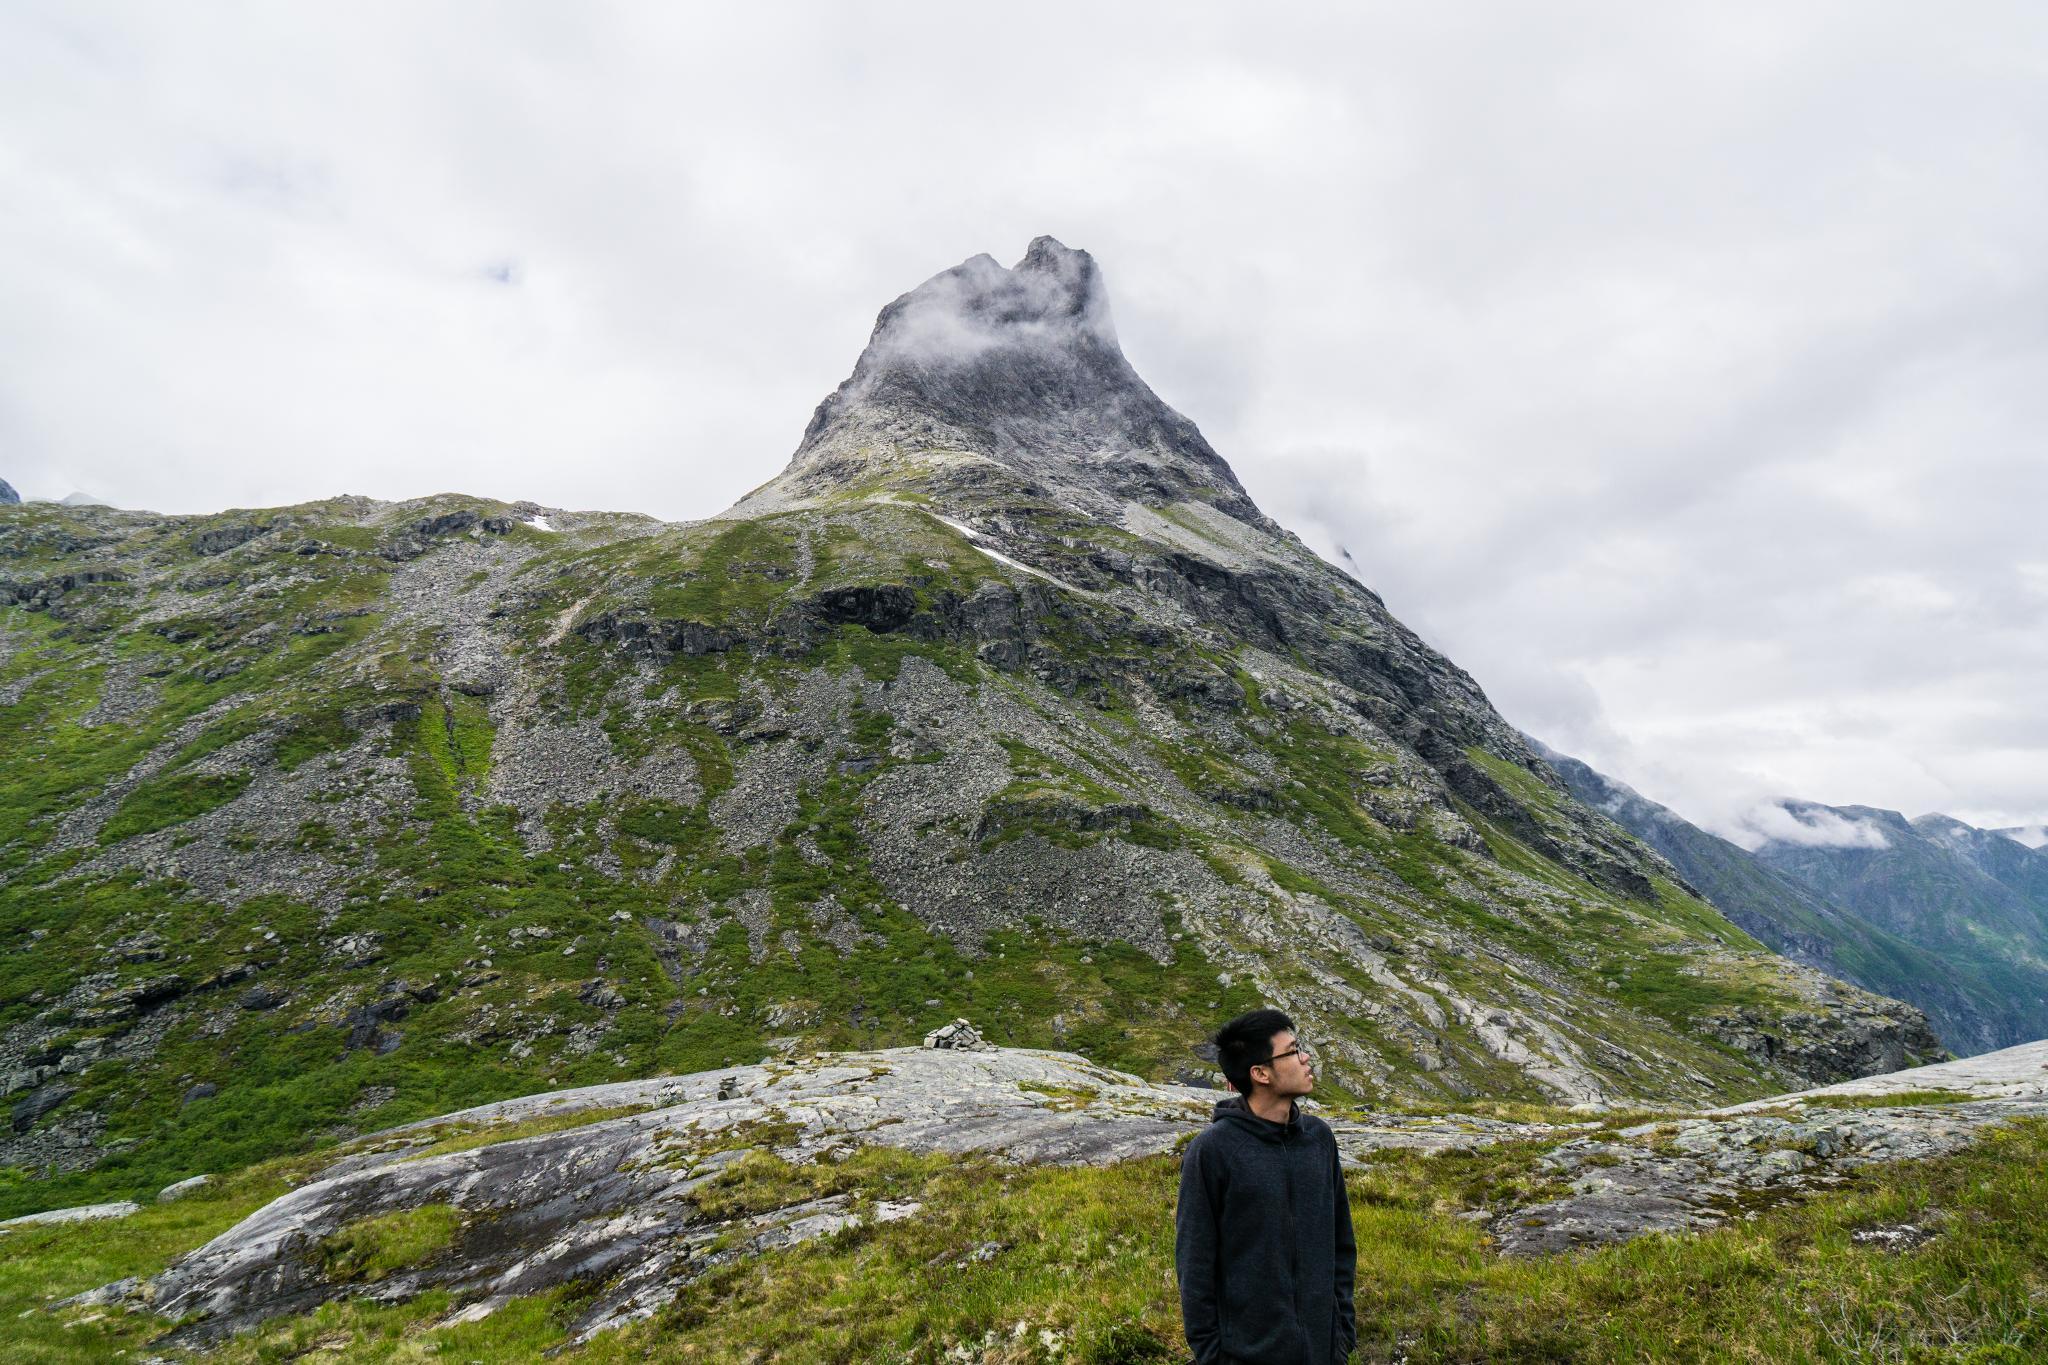 【北歐景點】Trollstigen 精靈之路 ∣ 挪威最驚險的世界級景觀公路 26